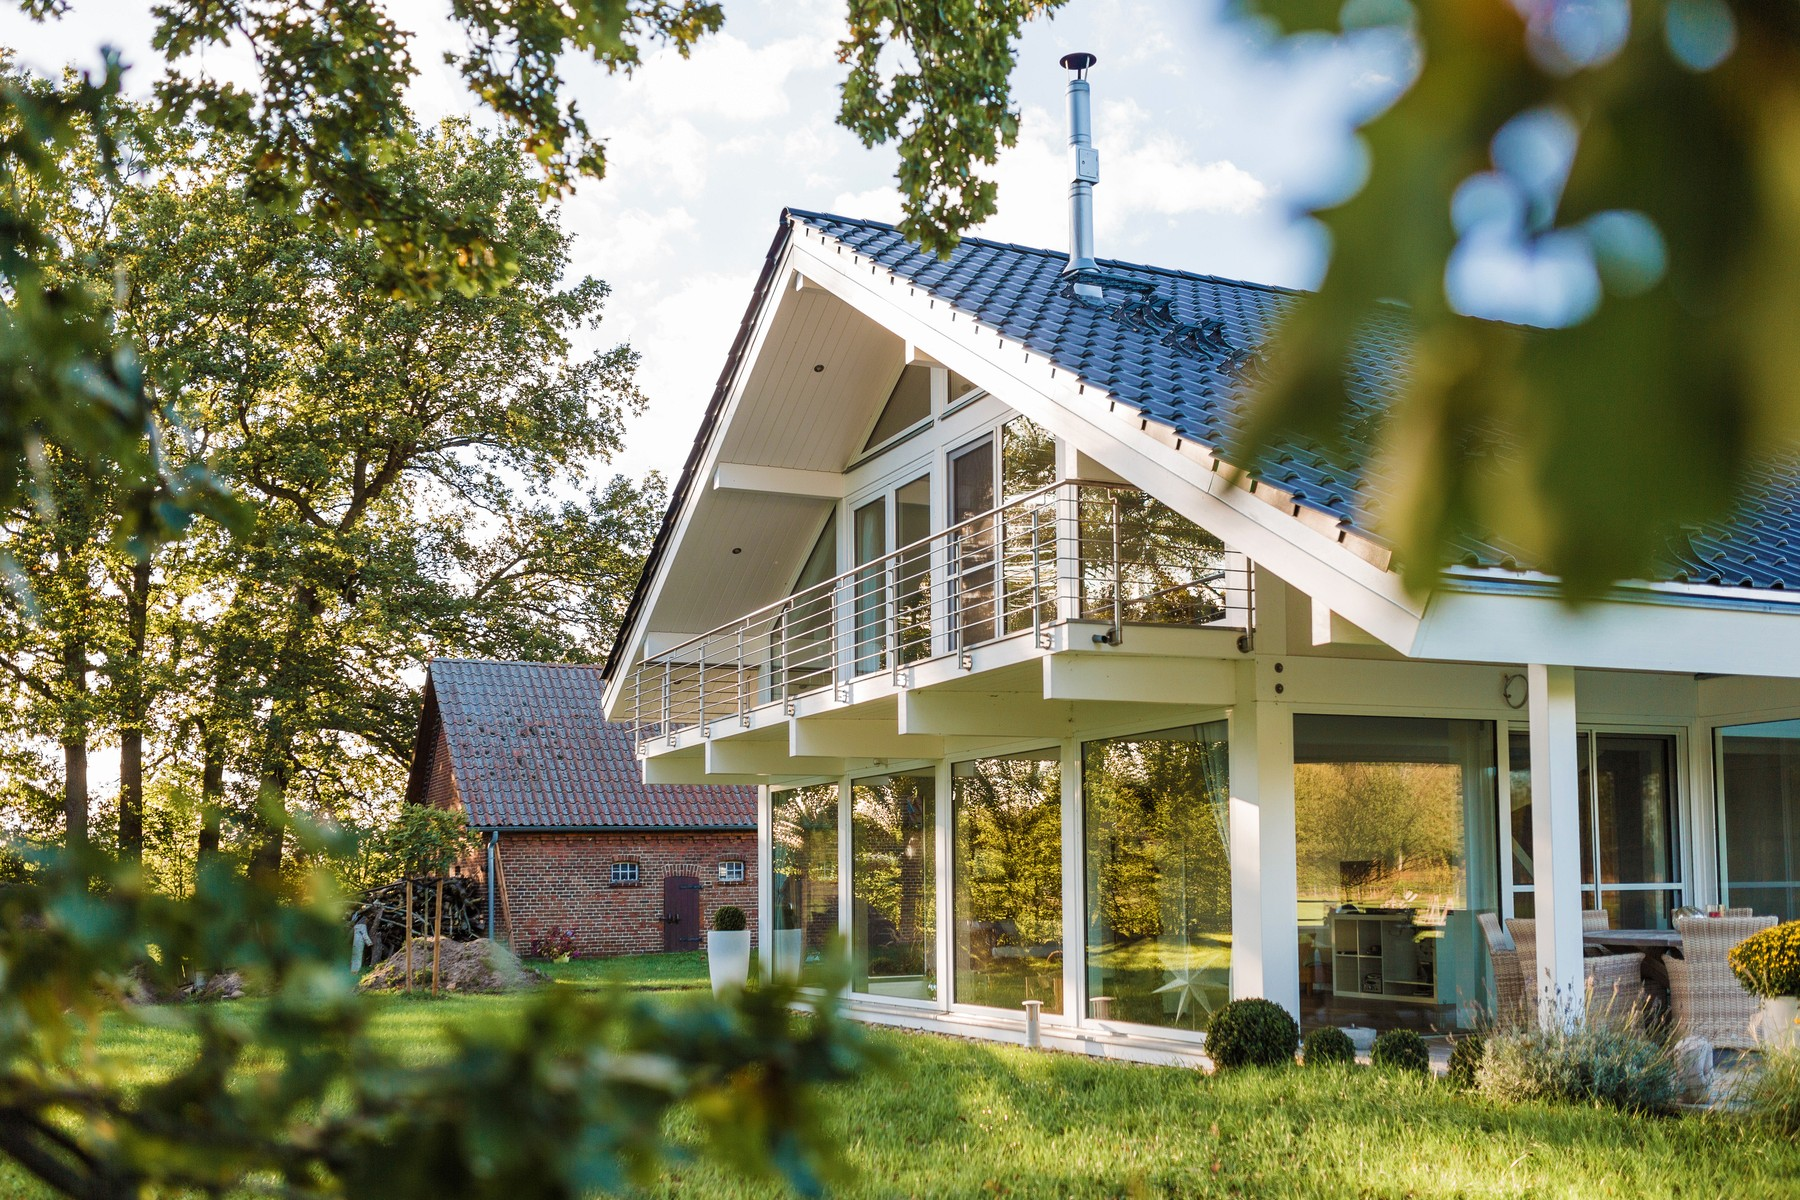 Fachwerk neu geplant helles fachwerkhaus modern in szene for Fachwerkhaus modern